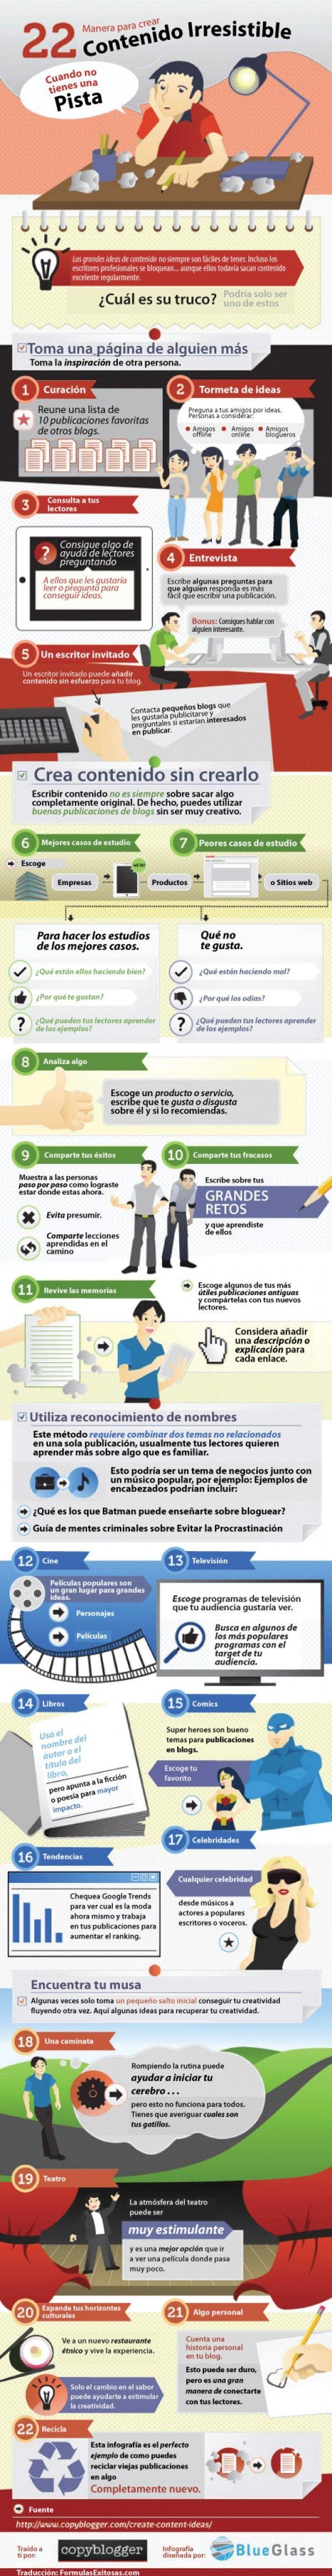 Infografía en español que muestra 22 consejos para crear contenido en redes sociales